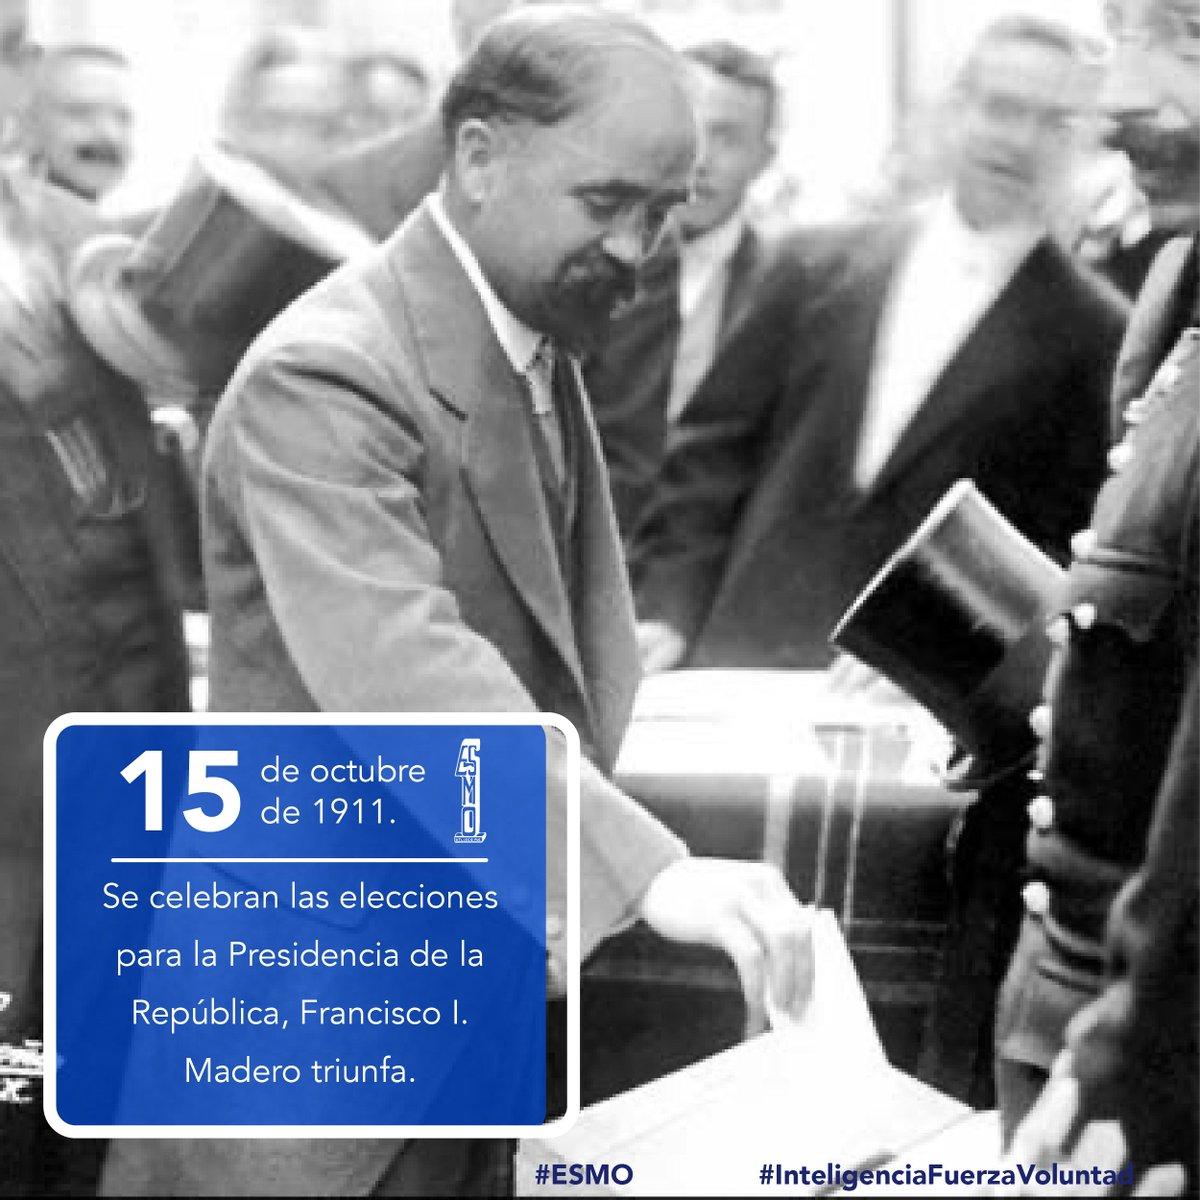 🗓 15 de octubre de 1911 🇲🇽 Se celebran las elecciones para la Presidencia de la República, Francisco I. Madero triunfa.  #ESMO #InteligenciaFuerzaVoluntad #HacerHistoriaHacerFuturo #Atlixco #Puebla #México #NuevaEscuelaMexicana #EducaciónBásica #AccionesPorLaEducación